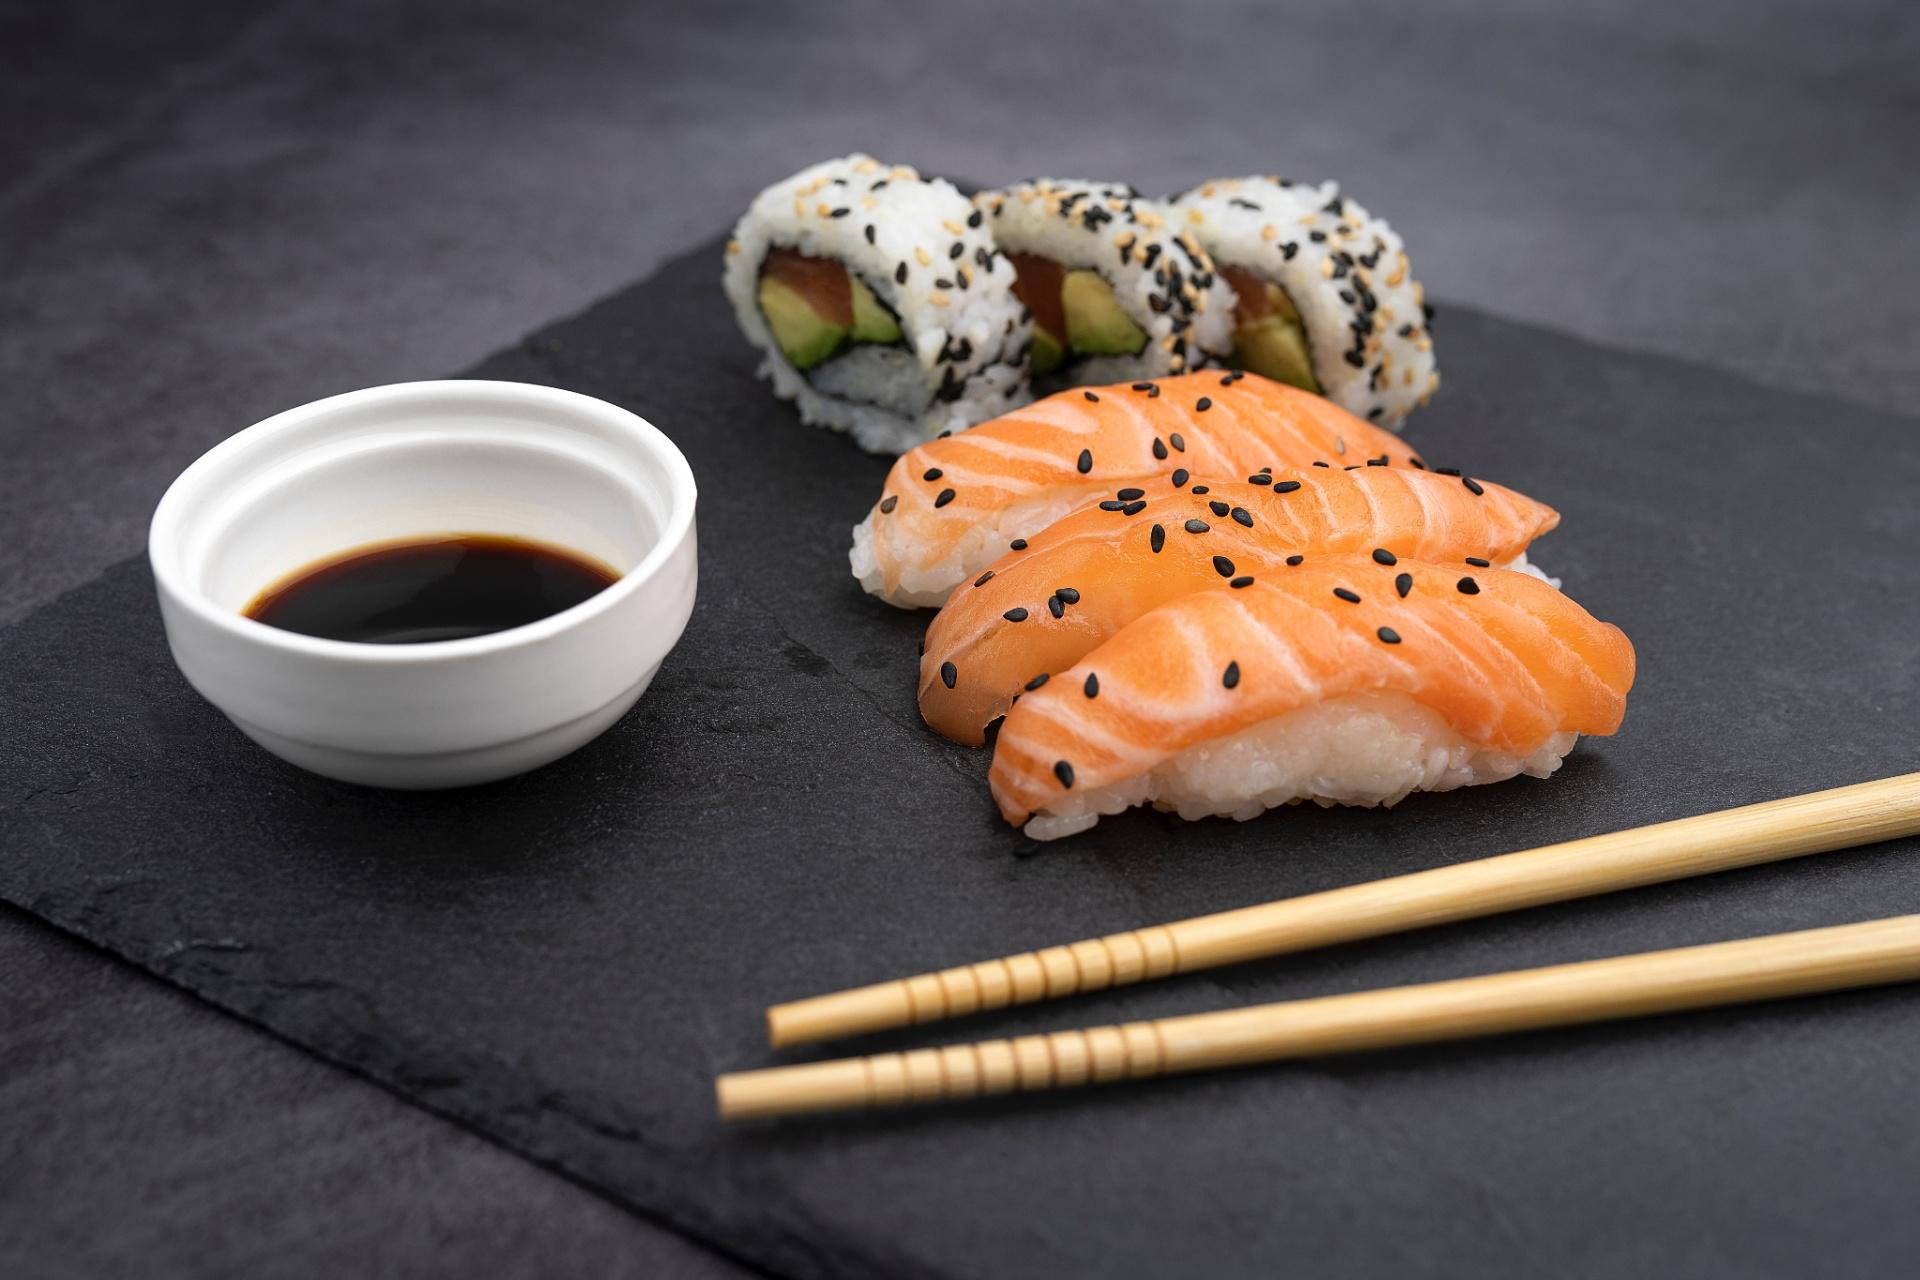 how do you make sushi?